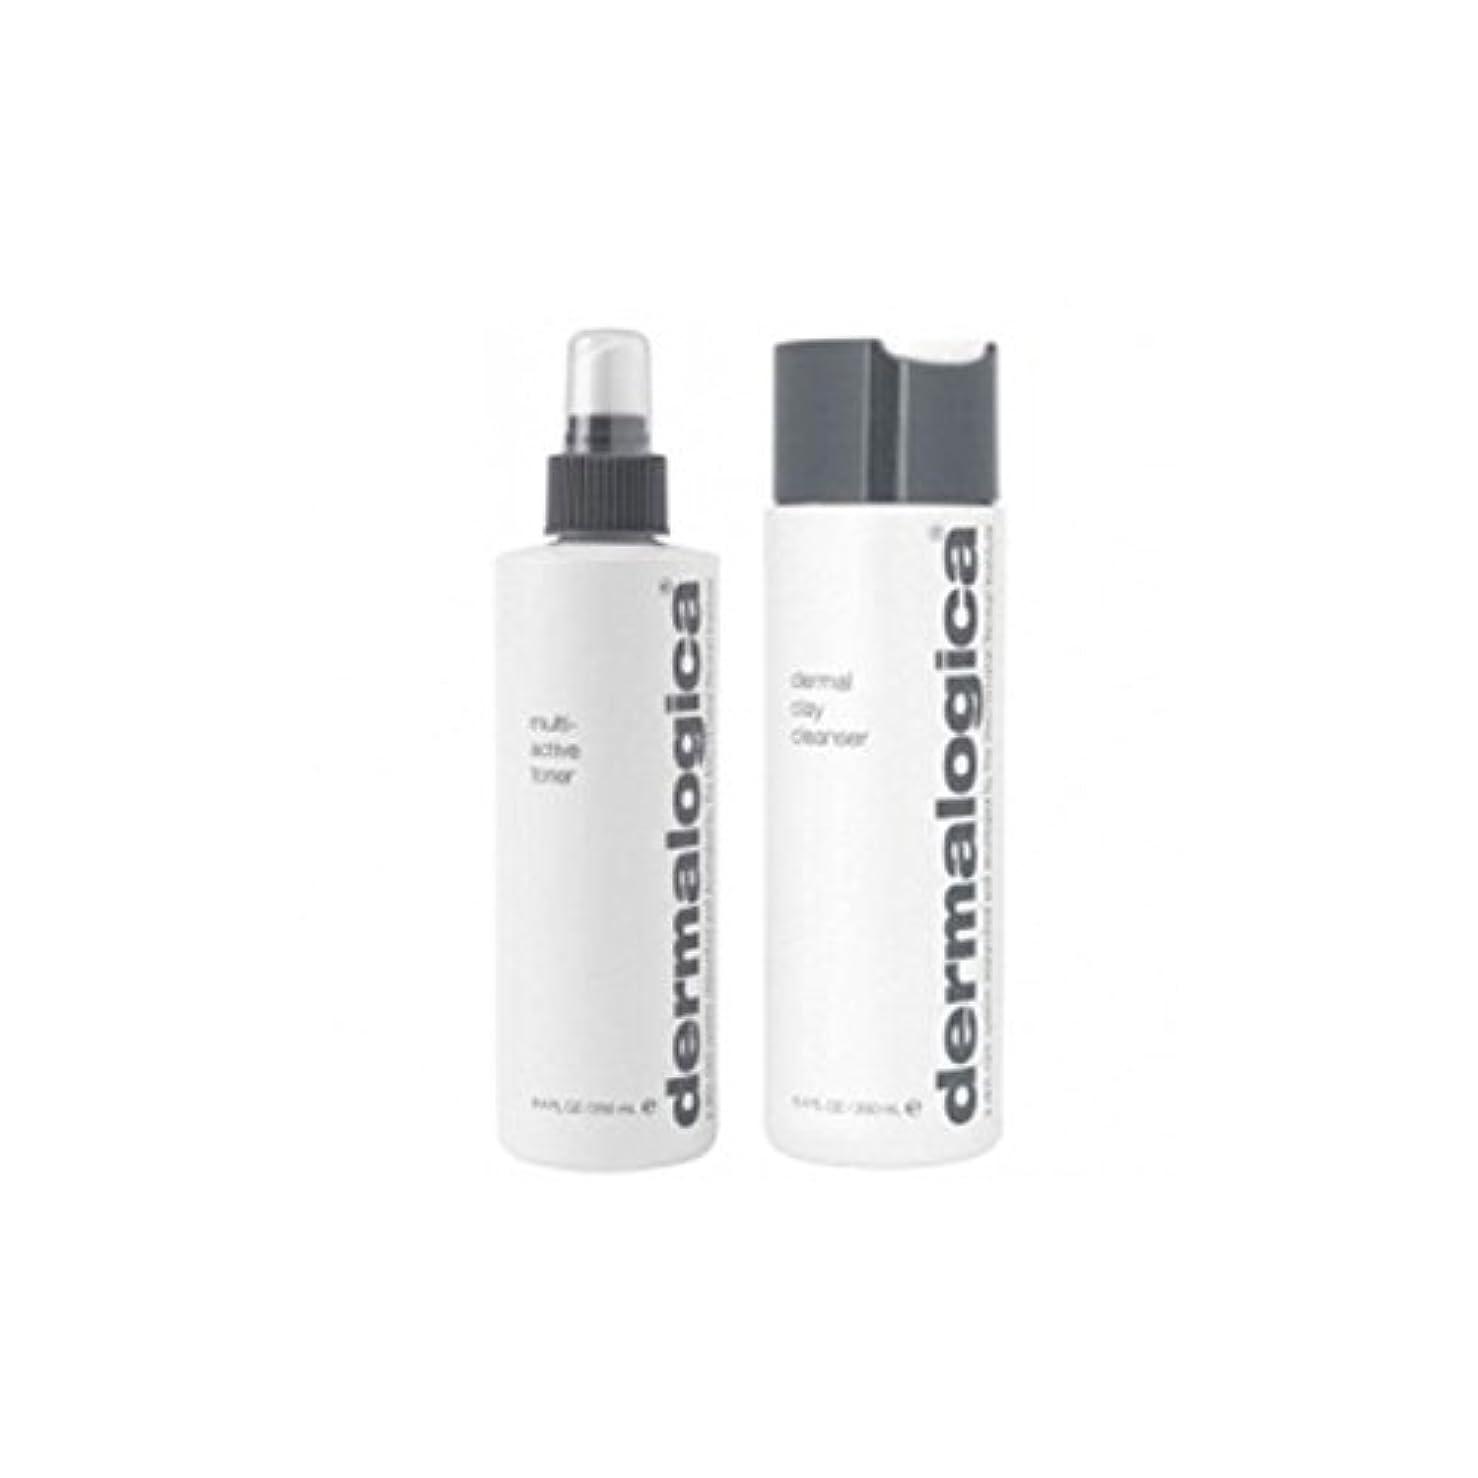 思い出すコメンテーターゼリーDermalogica Cleanse & Tone Duo - Oily Skin (2 Products) - ダーマロジカクレンジング&トーンデュオ - 脂性肌(2製品) [並行輸入品]